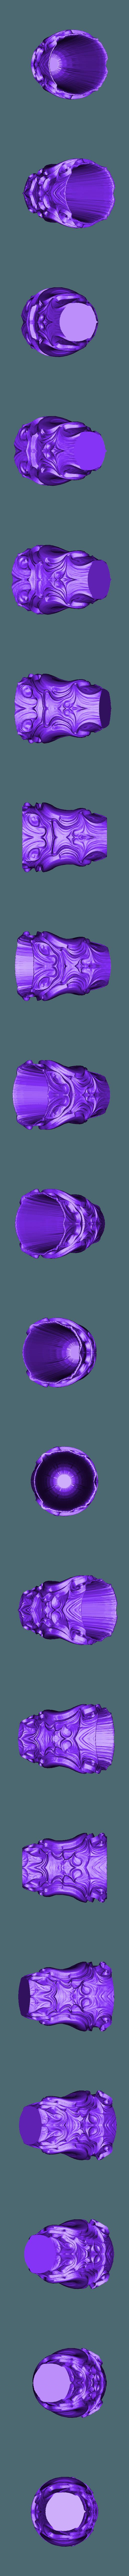 alienvase3.stl Télécharger fichier STL Collection de poteries étrangères • Objet pour imprimante 3D, ferjerez3d